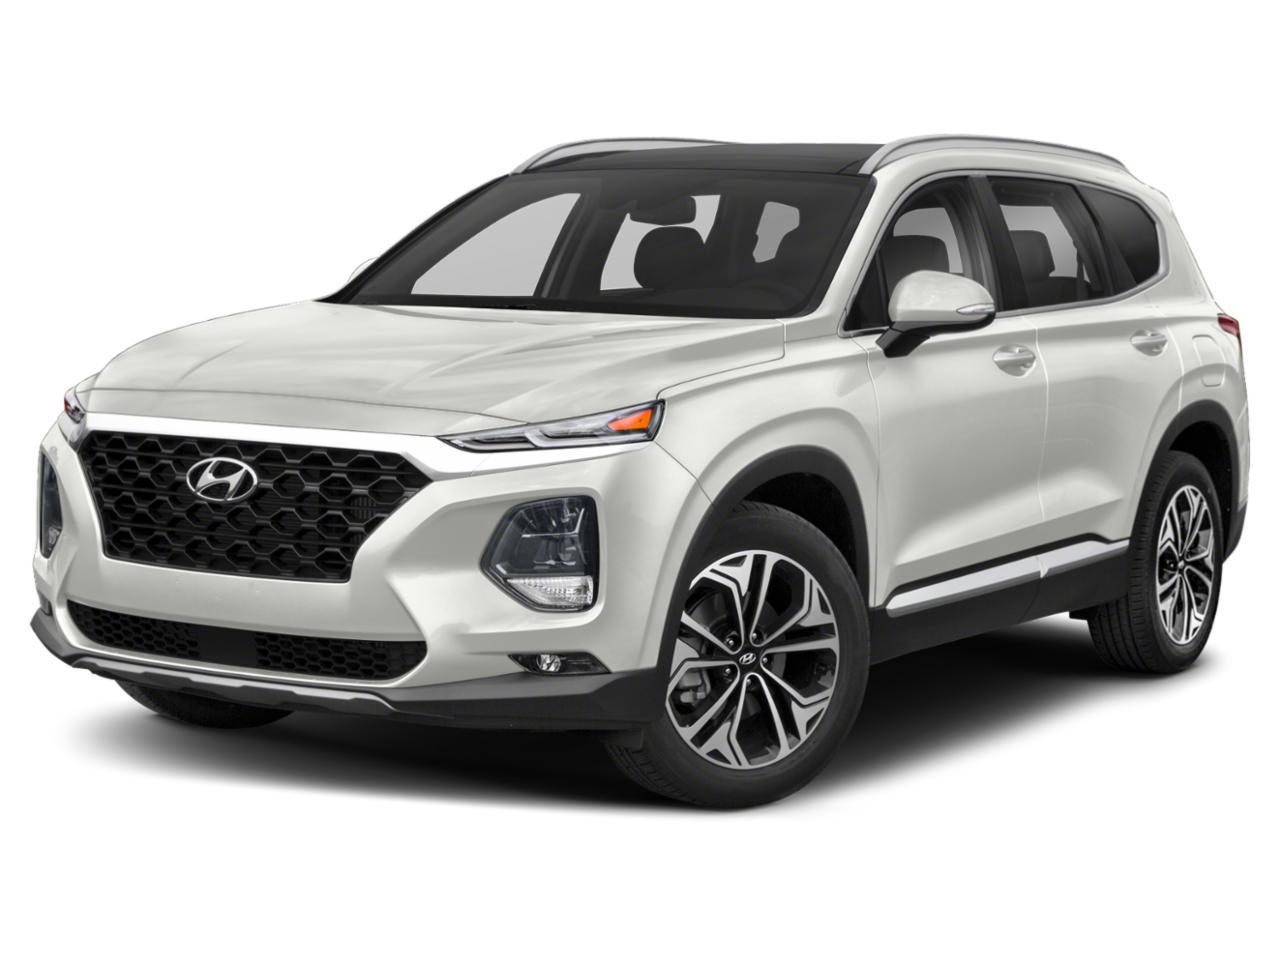 2020 Hyundai Santa Fe Vehicle Photo in O'Fallon, IL 62269